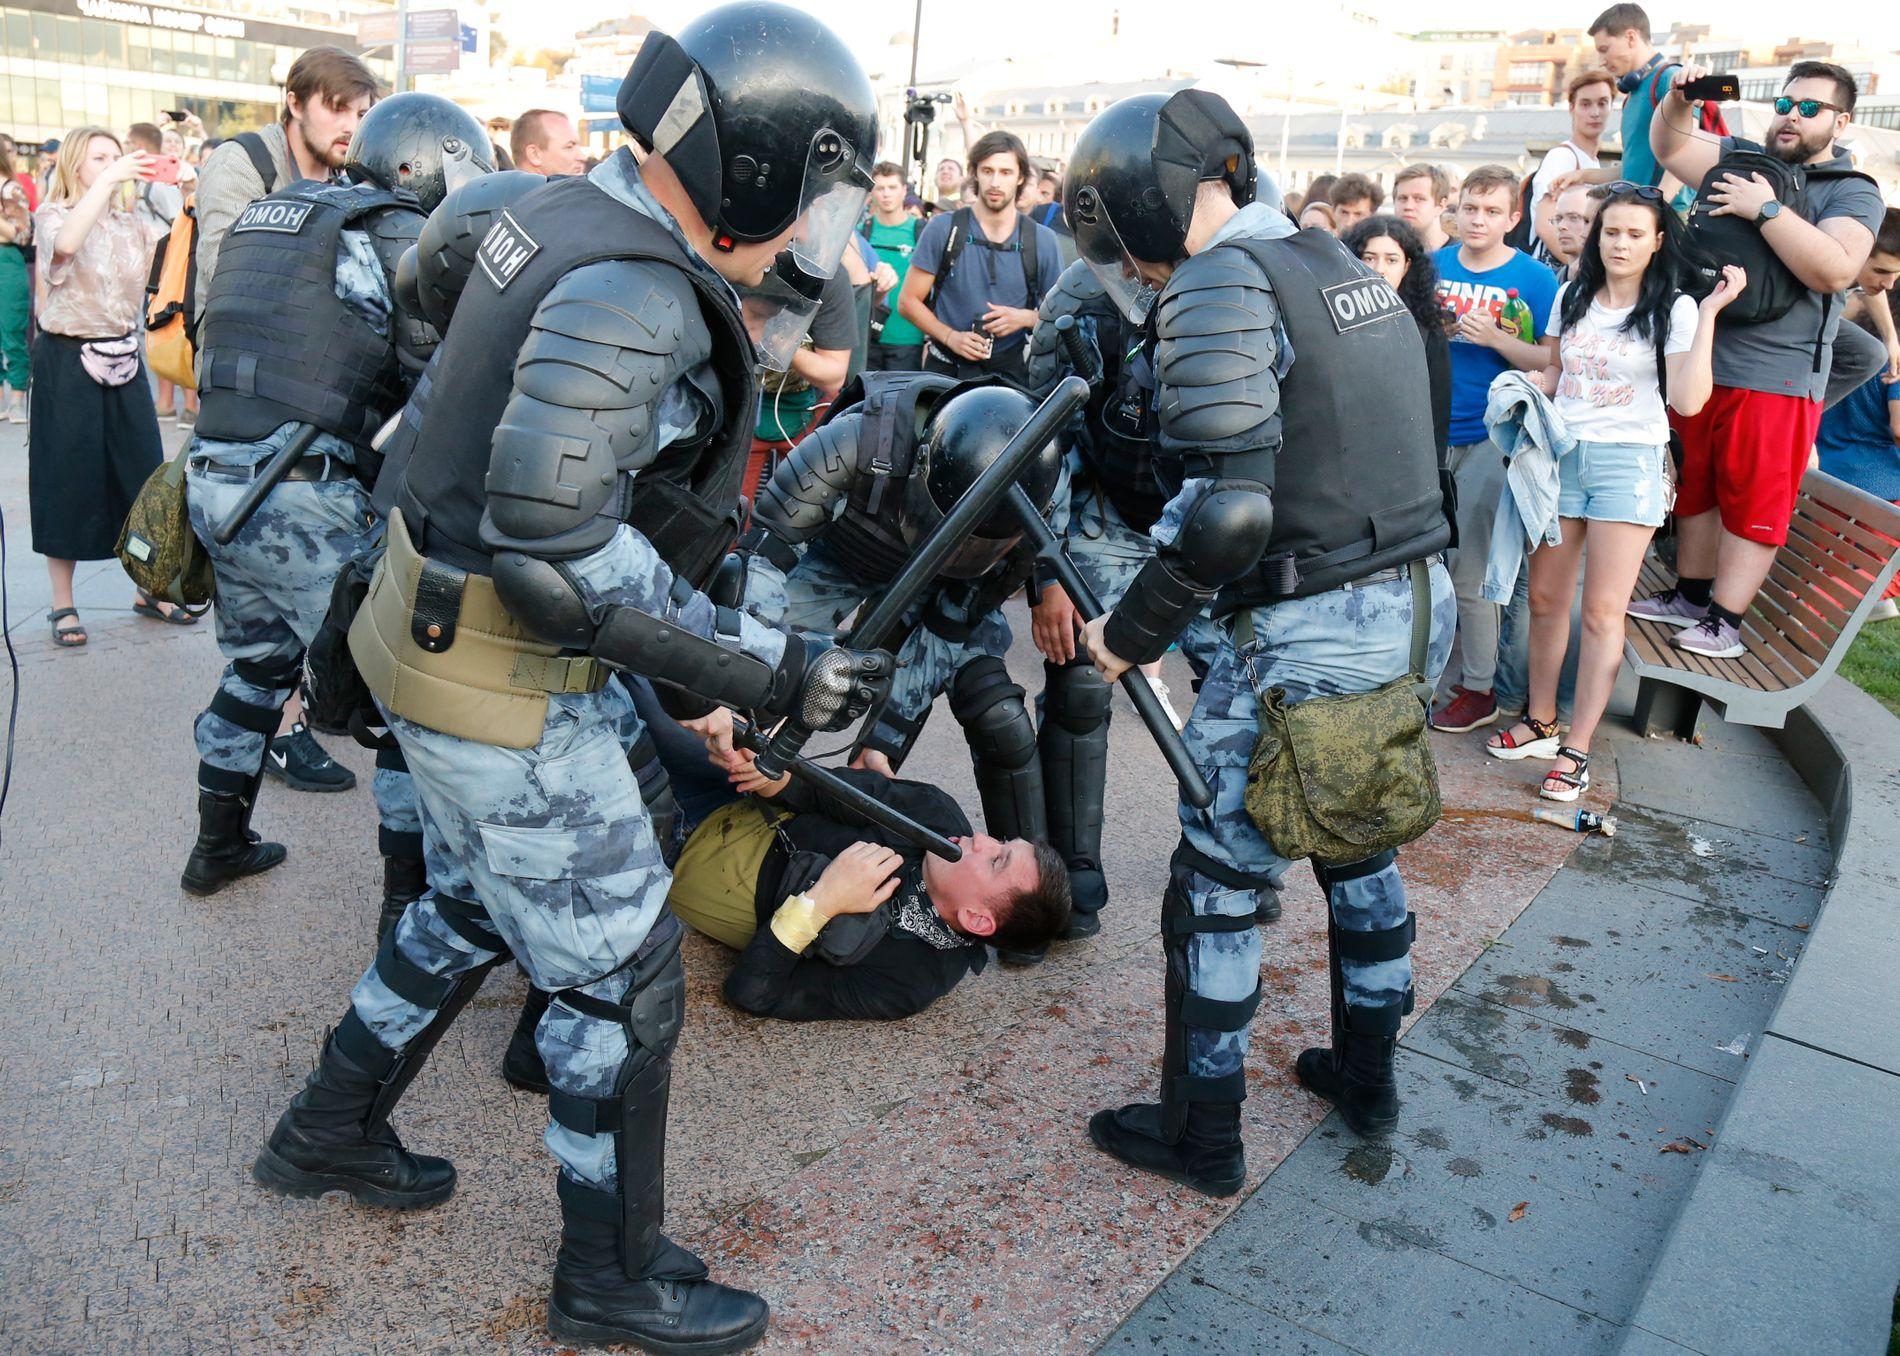 BRUTALT: Opprørspolitiet OMON var satt inn mot demonstrantene i Moskva sist lørdag. Opposisjonen protesterte mot at deres kandidater ikke får delta i lokalvalget. Protesten var ikke godkjent av lokale myndigheter.